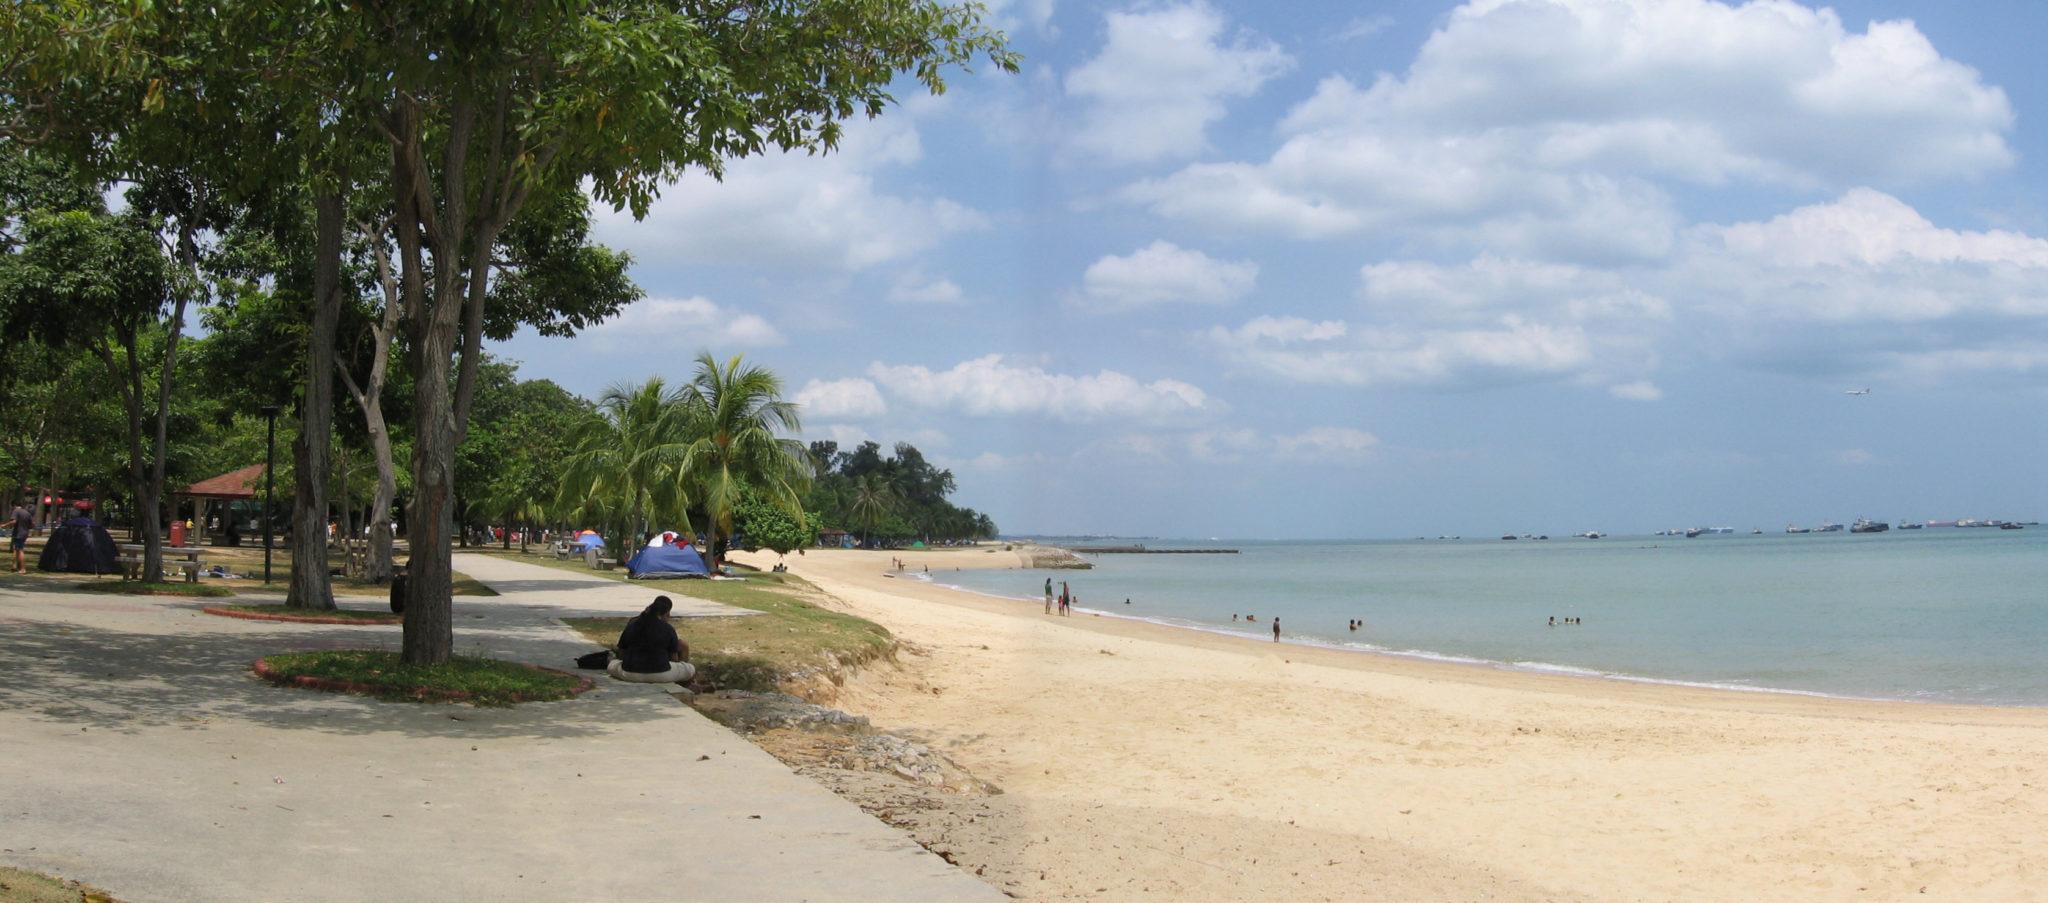 Backpacking Singapore Money Saving Tips 25 Free Things